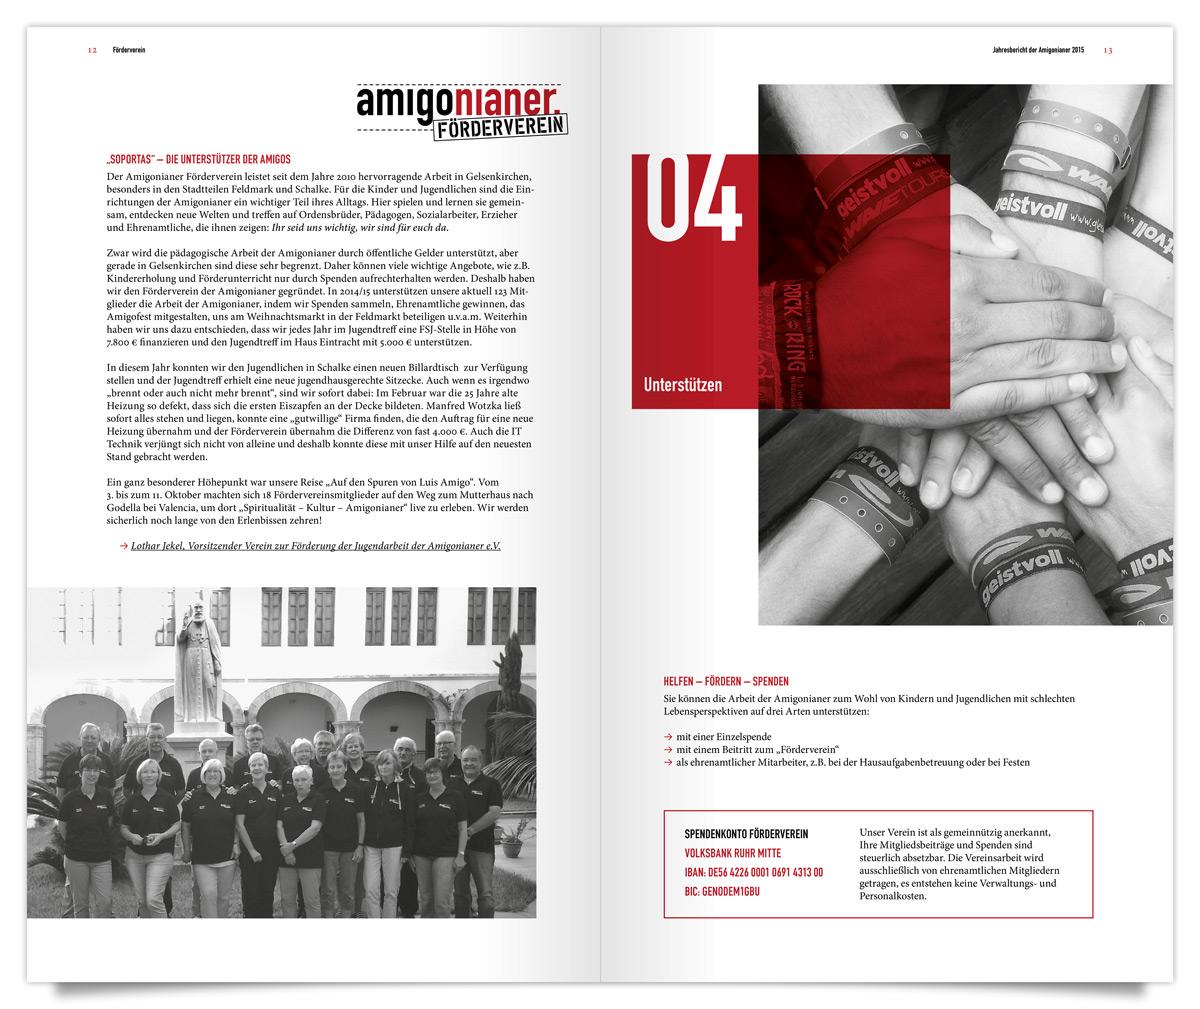 Magazin Ansicht vin Innen für die Amigonianer